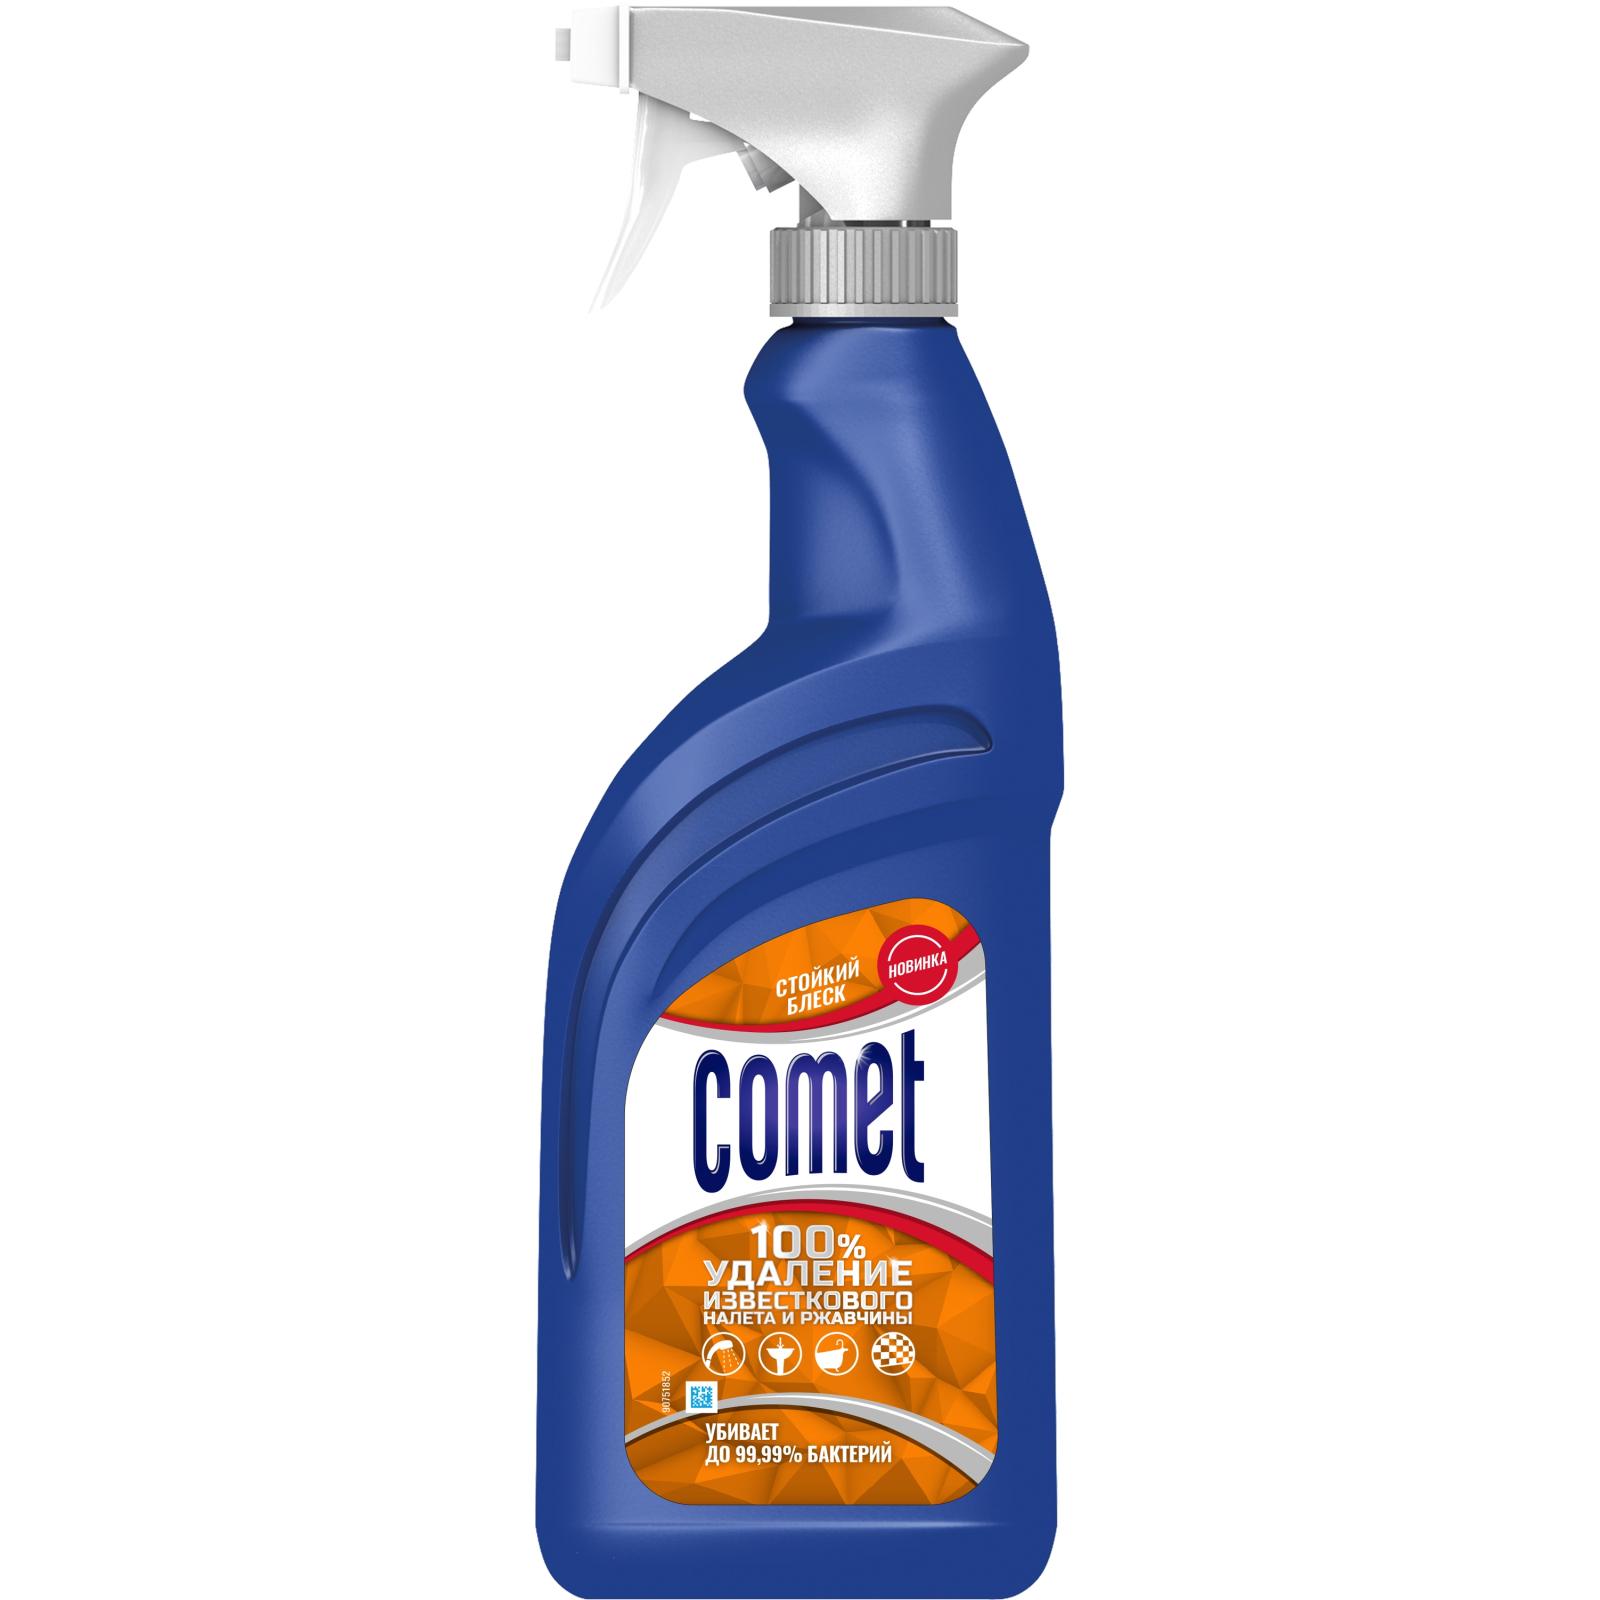 Чистящий гель Comet 450 мл (8001480703636)